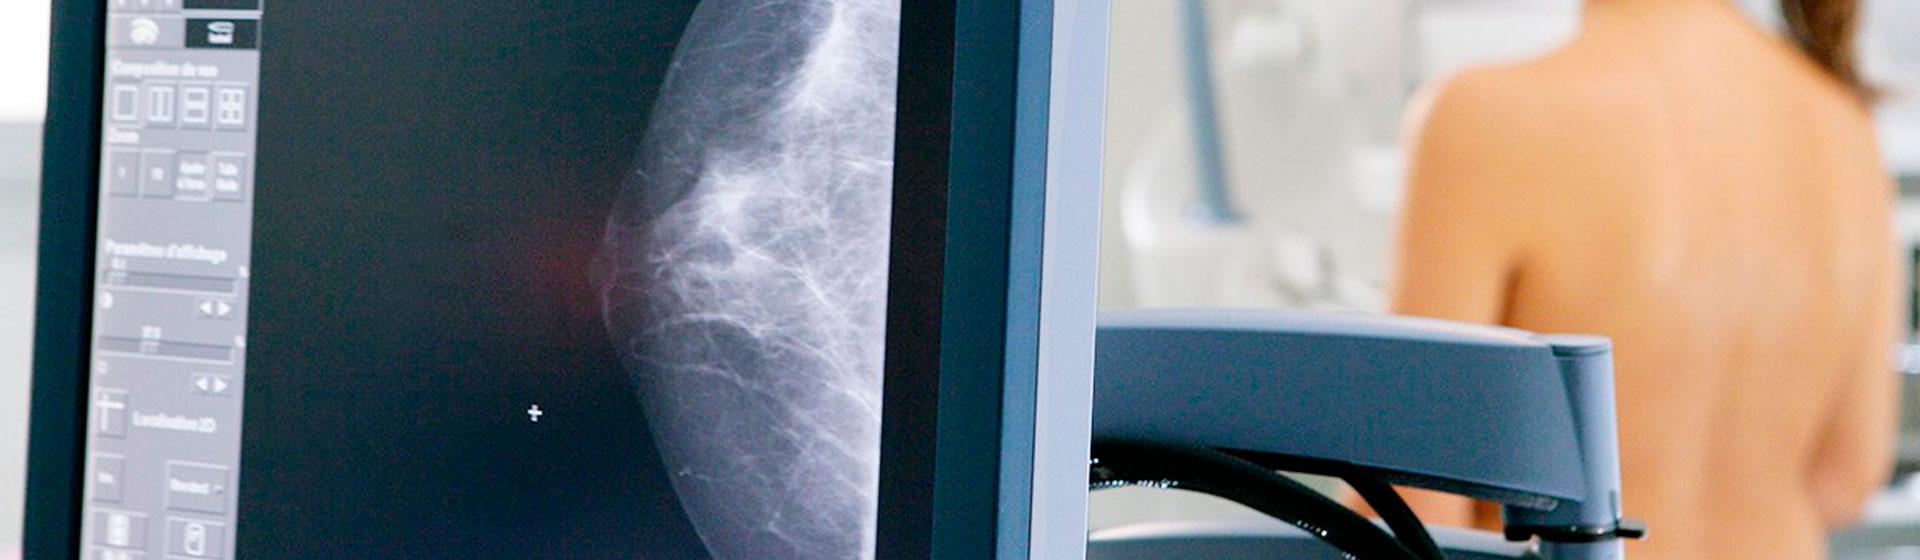 radiologia-mamografia